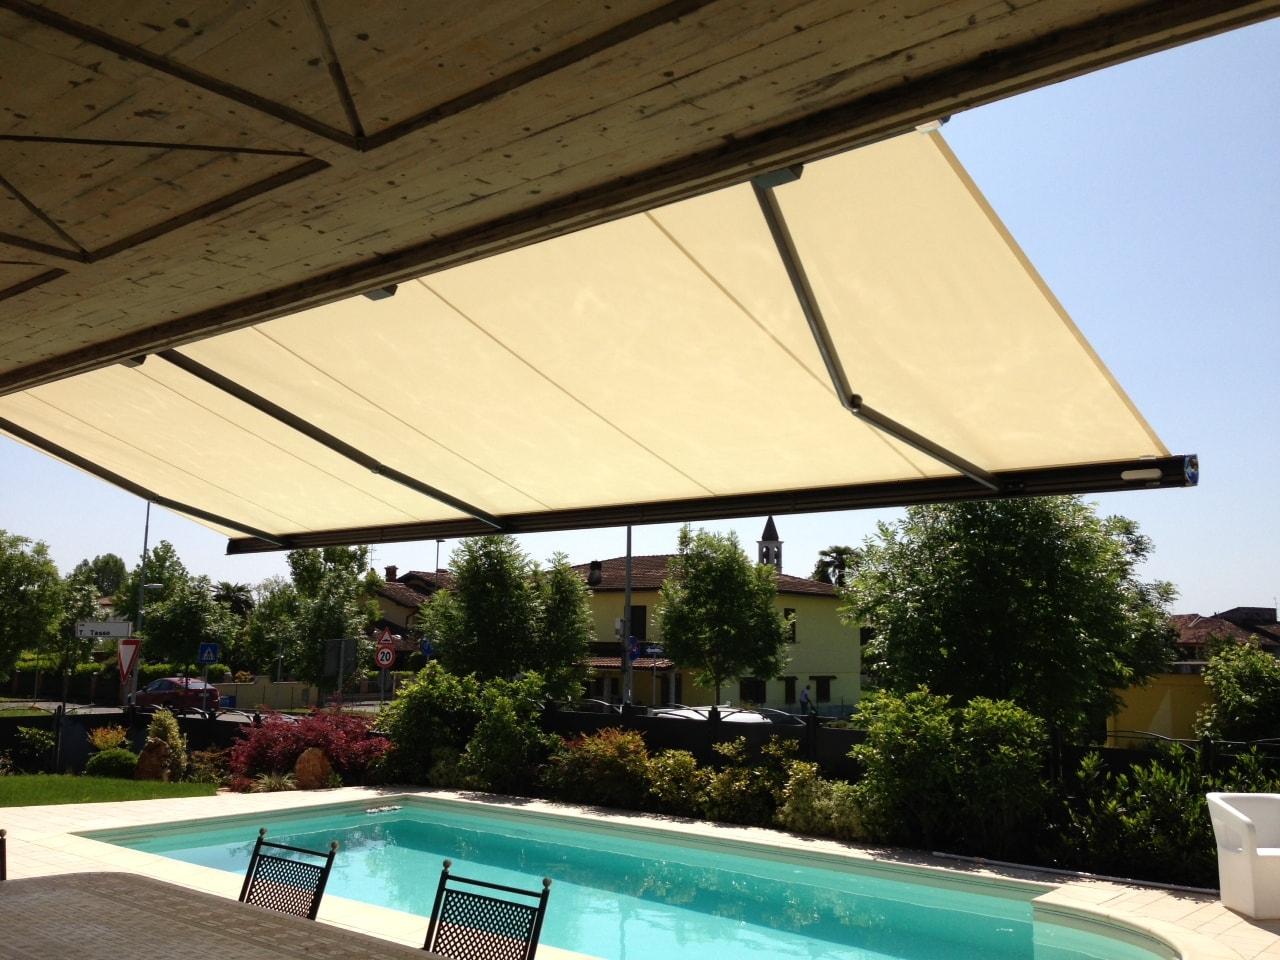 markilux-tenda-da-sole-piscina